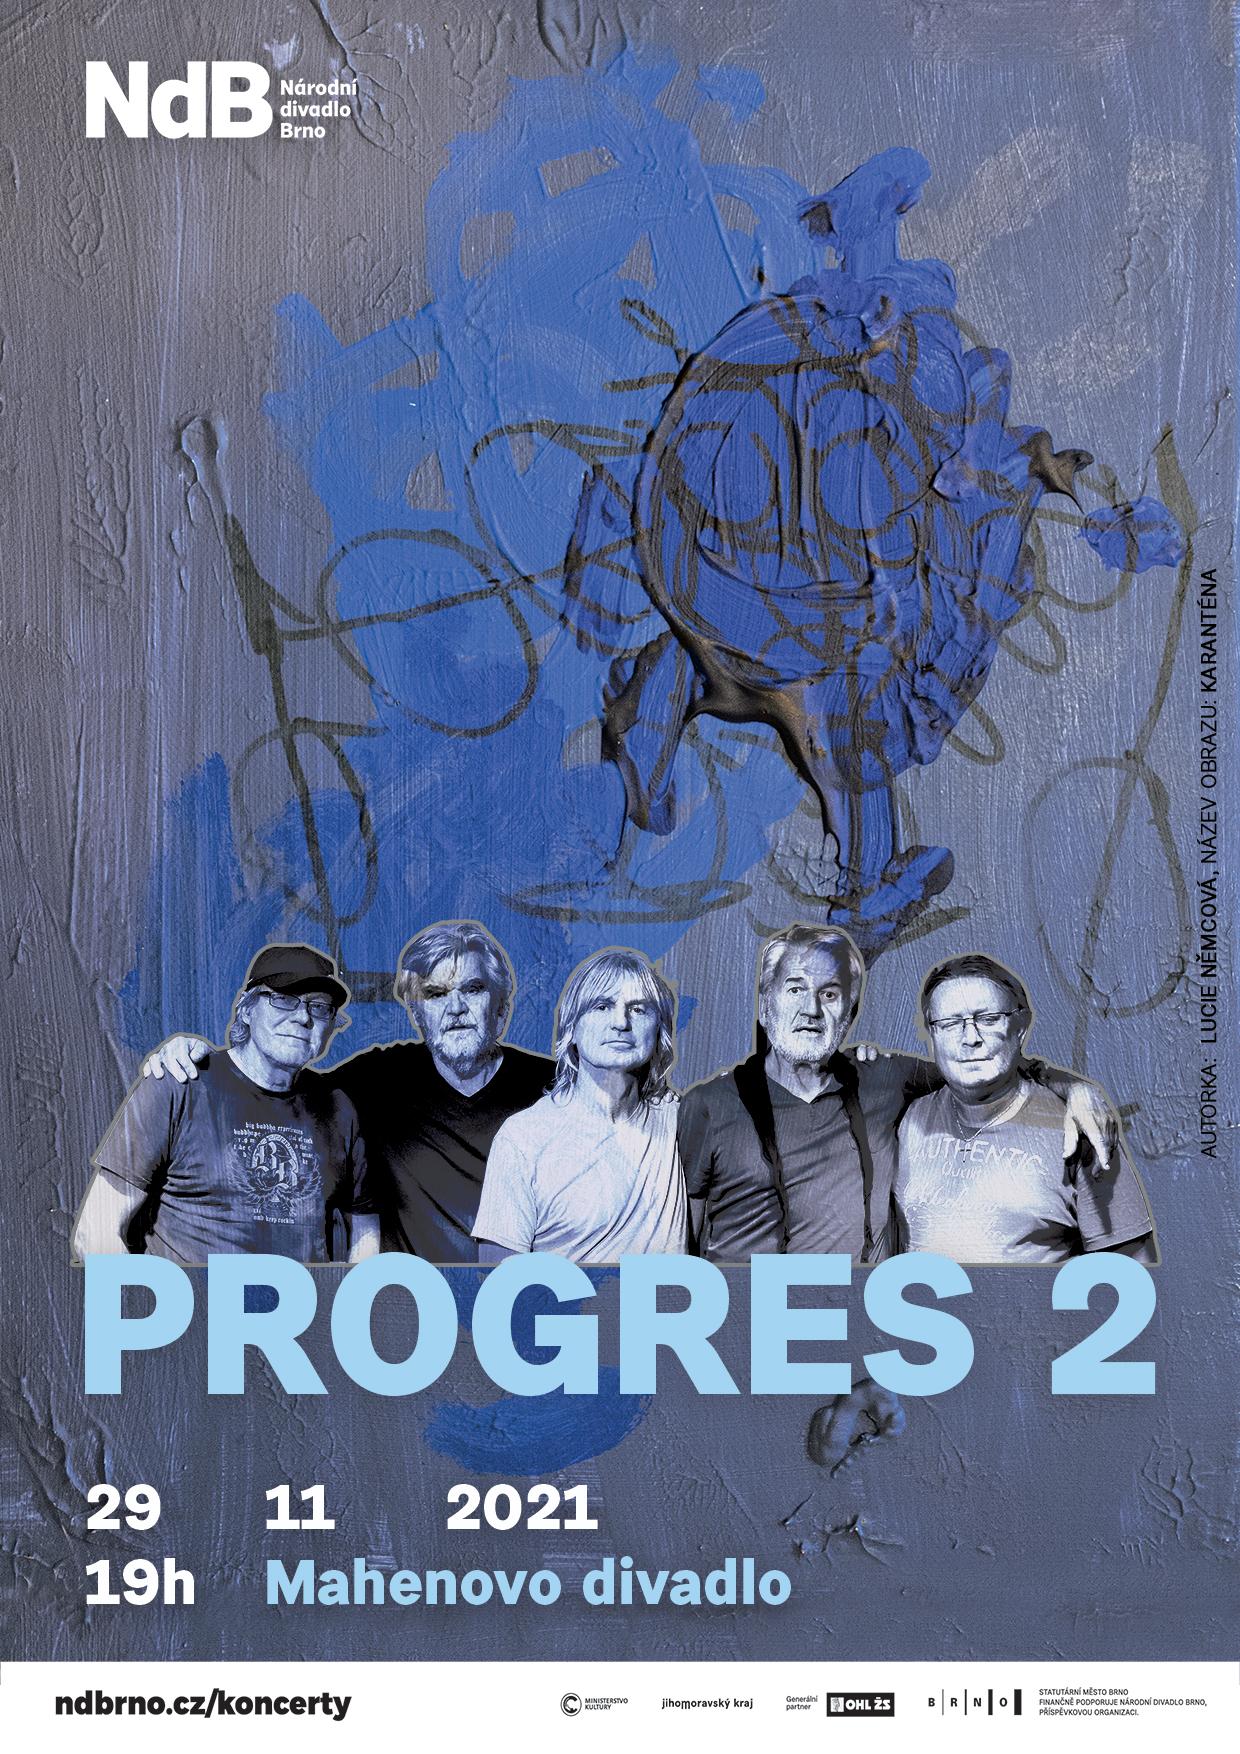 Progres 2